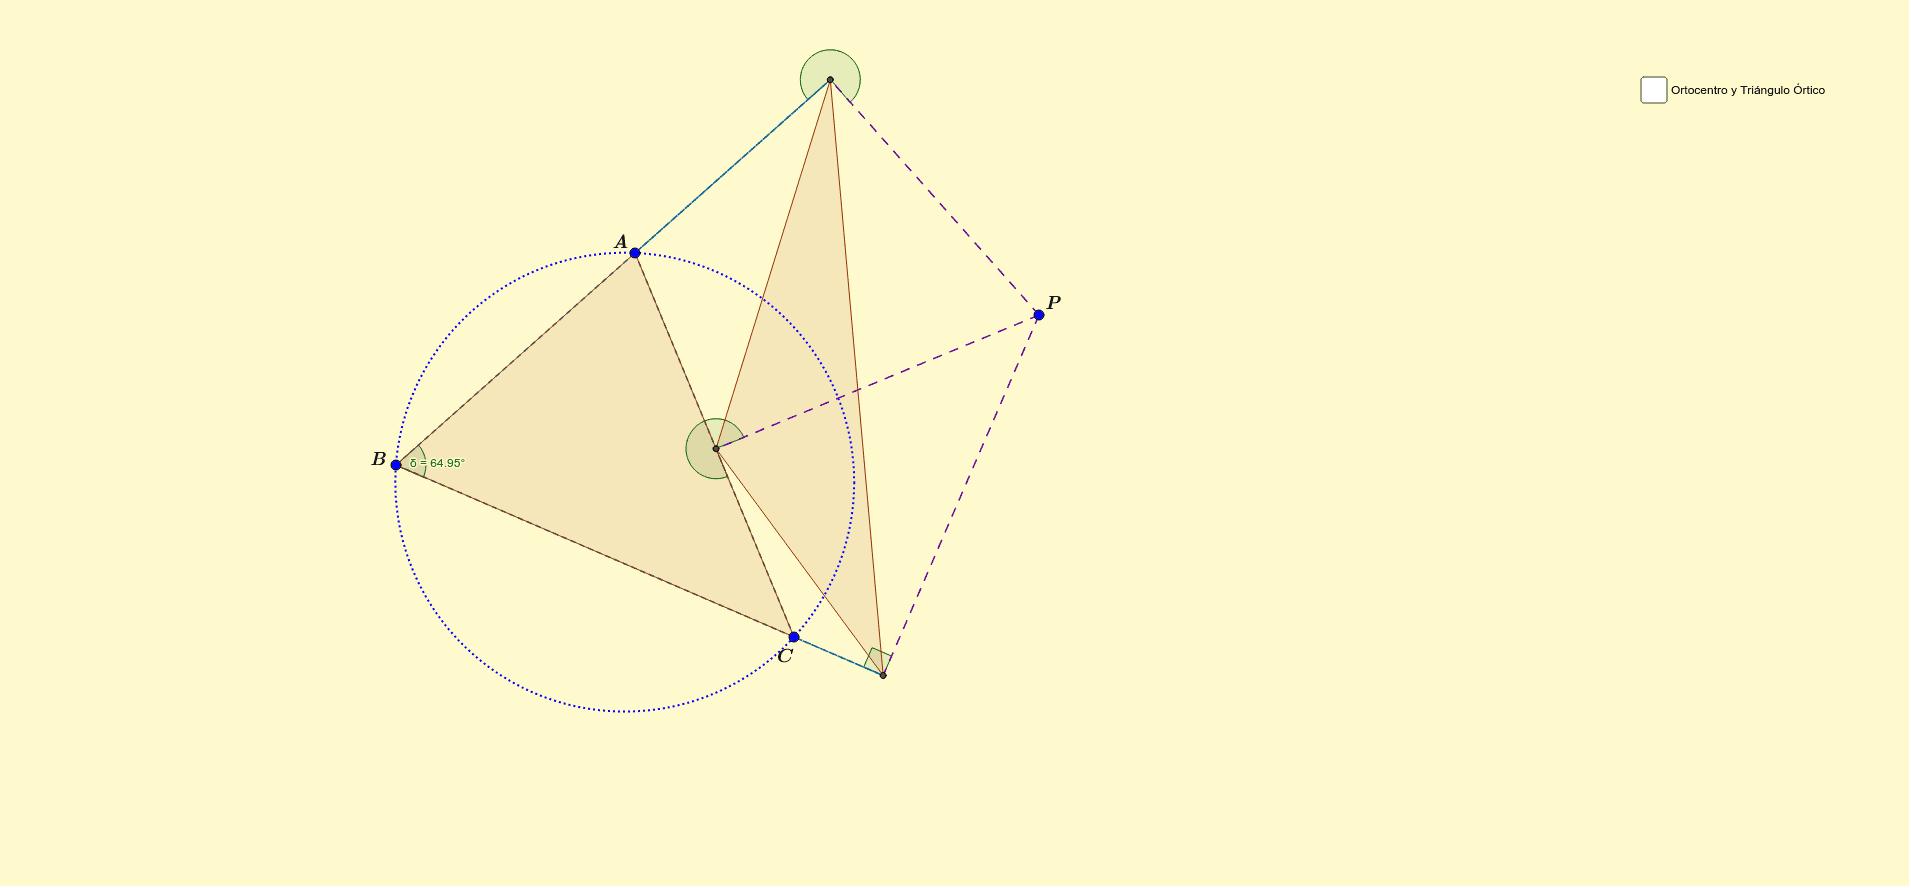 Con esta construcción mostramos que el triángulo Órtico es sólo un caso particular del triángulo pedal. Veremos que cuando el punto P se hace igual al ortocentro estos coinciden